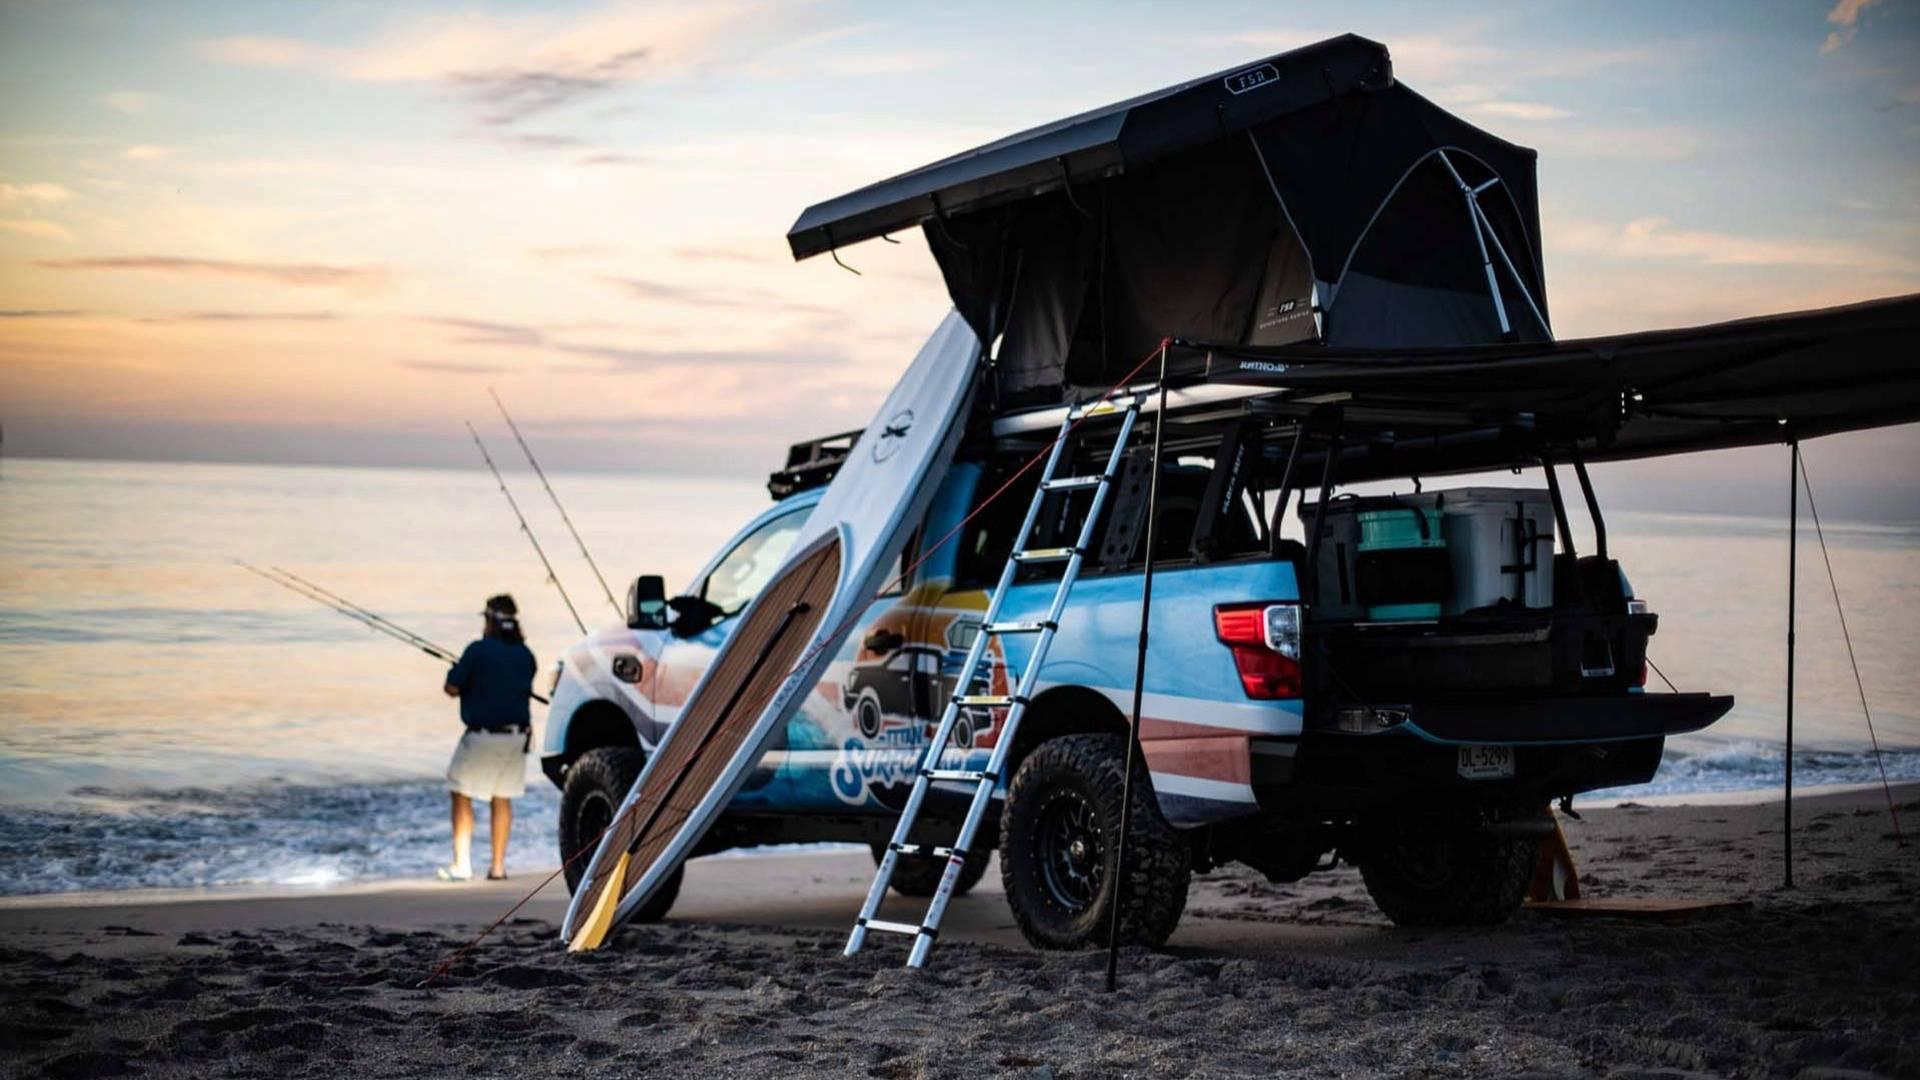 Обзор Nissan Titan Surfcamp 2018: пляж как стиль жизни